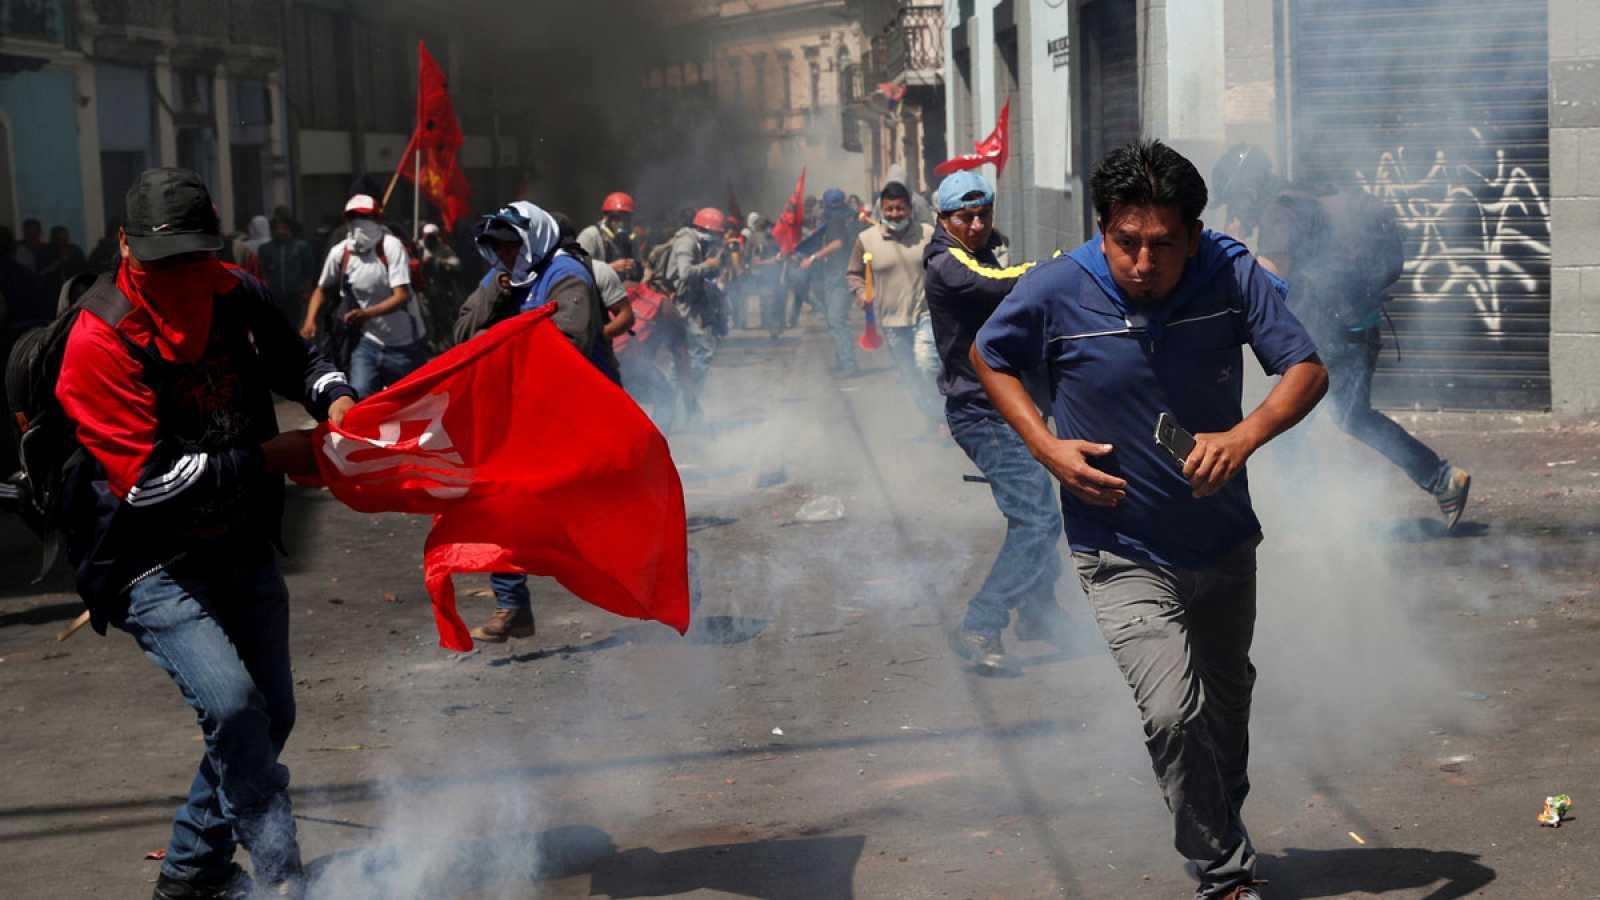 Miles de indígenas y trabajadores protestan en Ecuador durante la huelga general contra los ajustes de Lenín Moreno